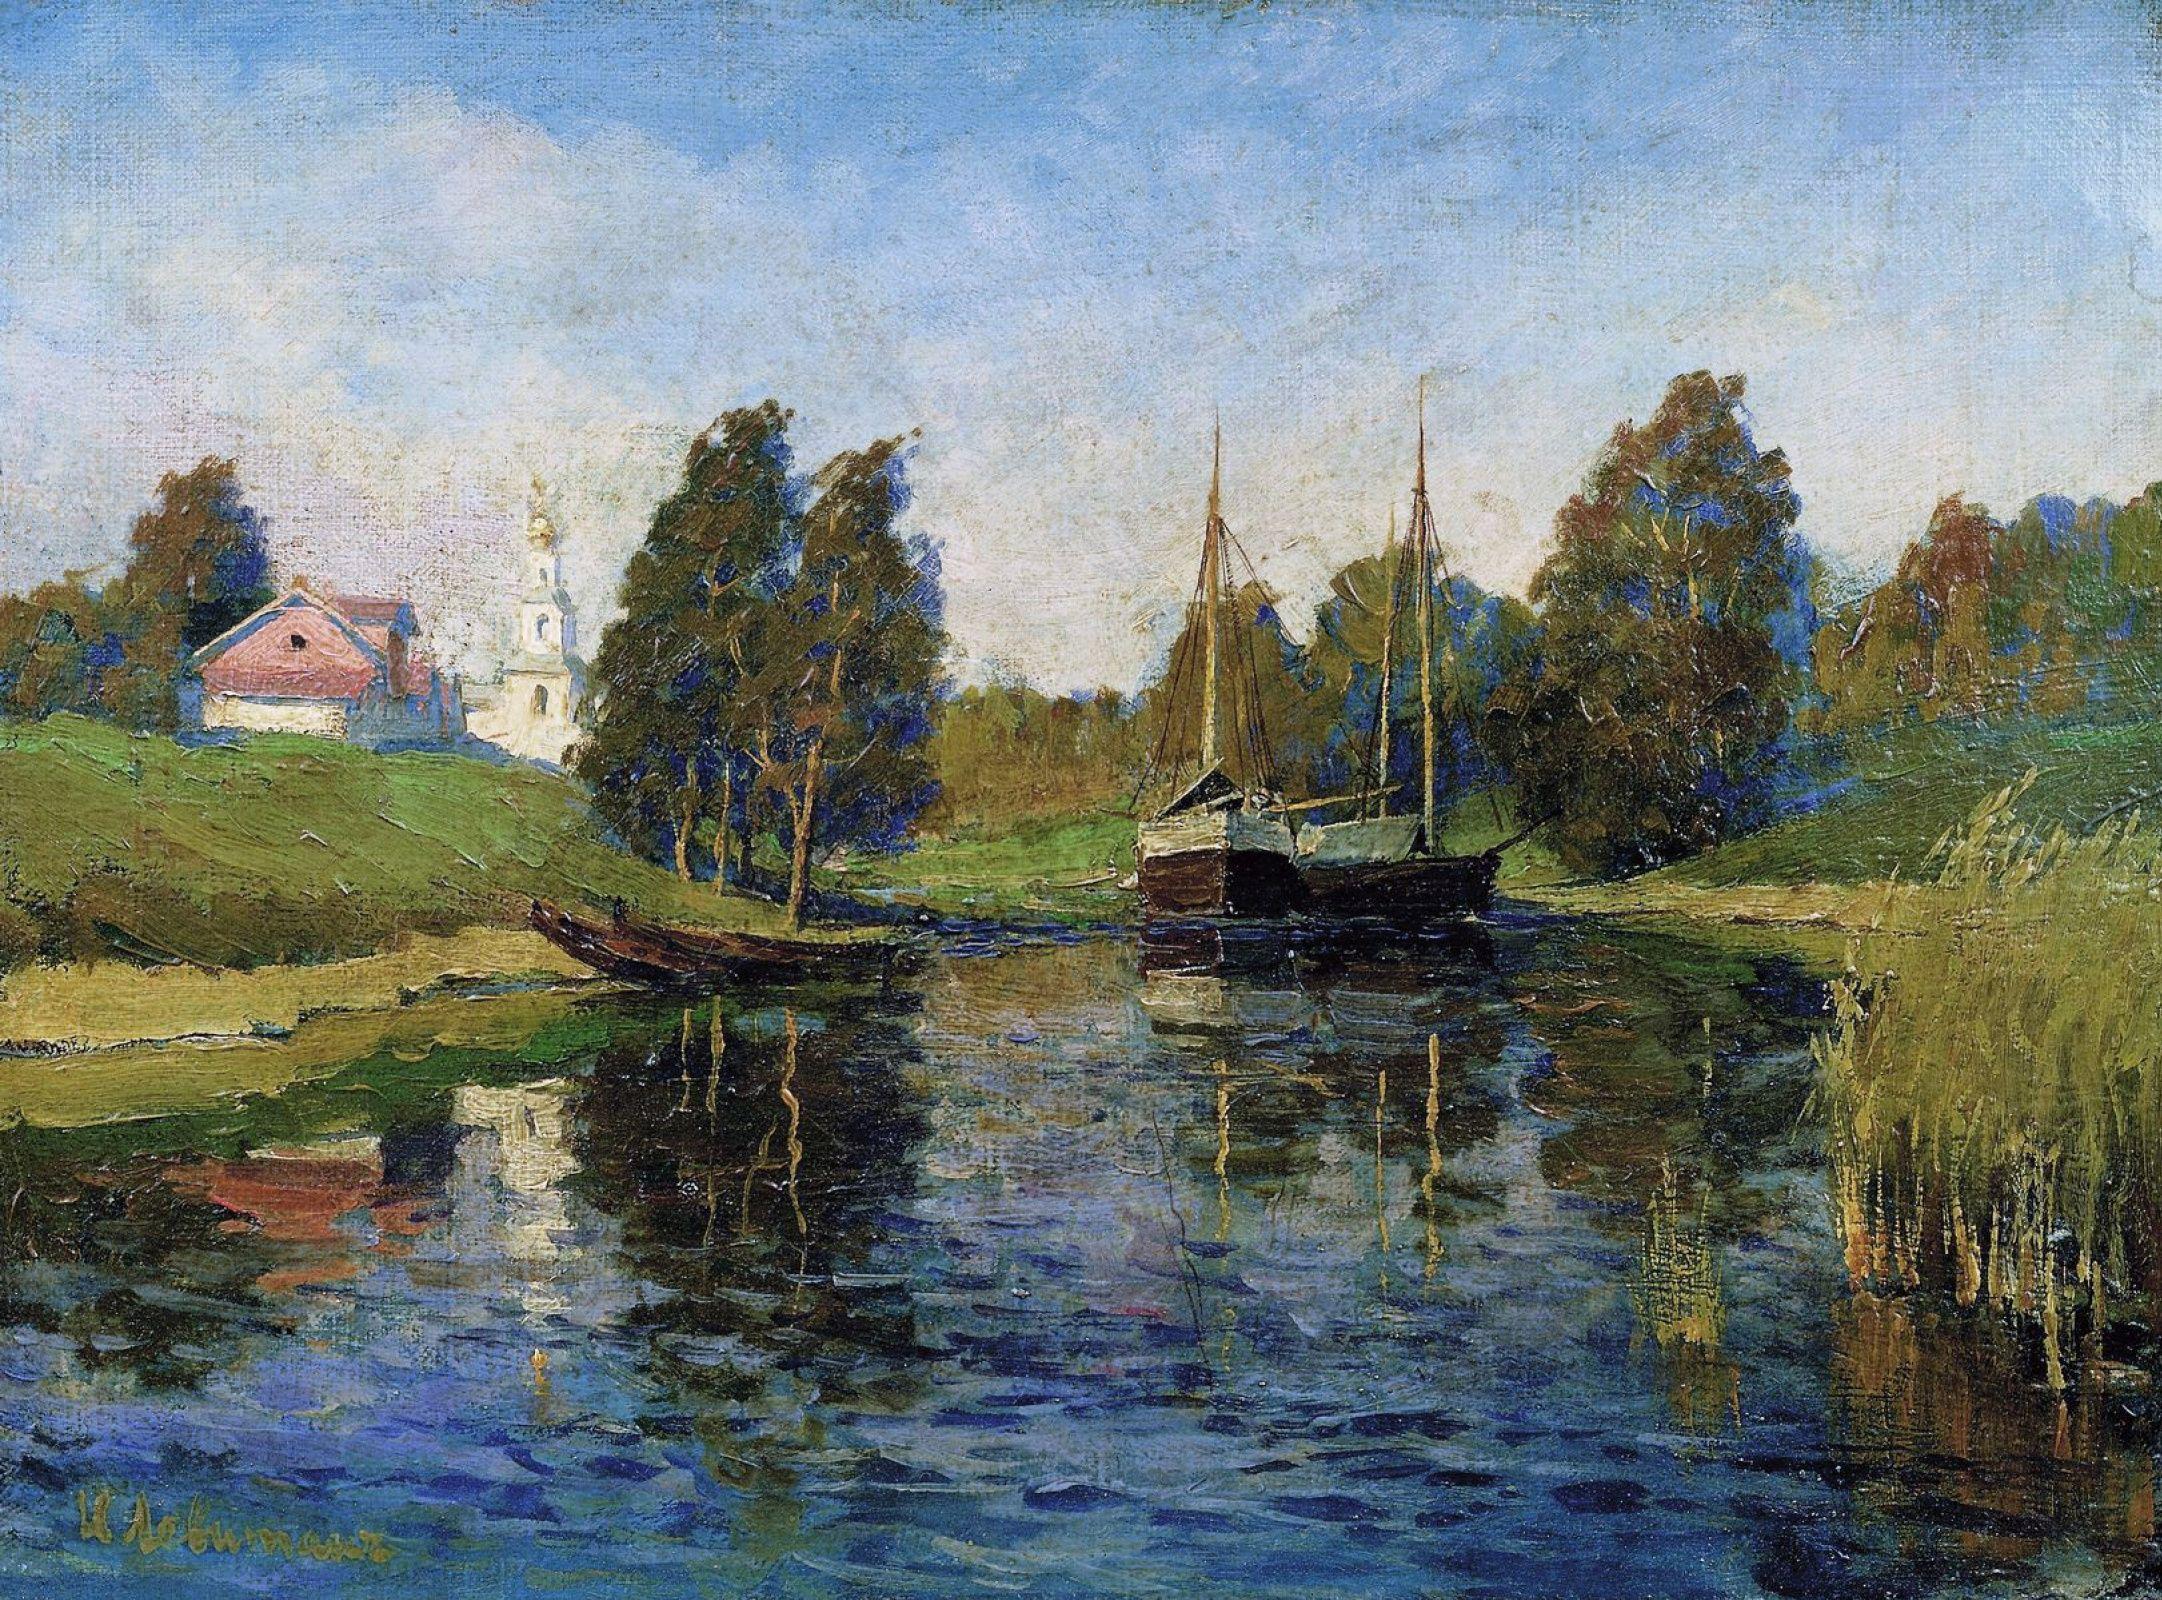 Isaac Levitan - Lake in Autumn | Art de réalisme, Comment peindre et Peinture paysage